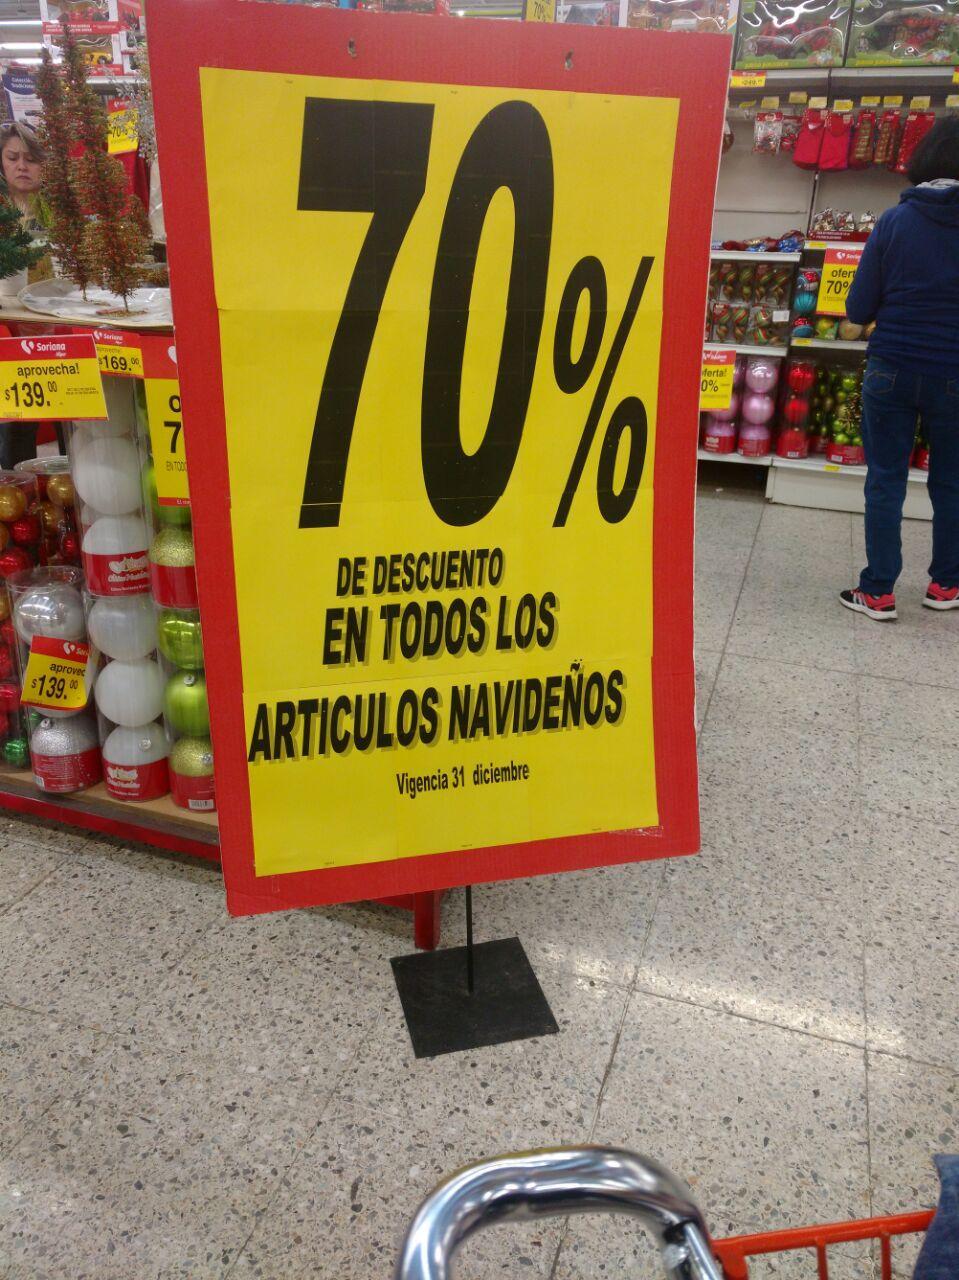 Soriana Hiper: 70% de descuento en artículos Navideños